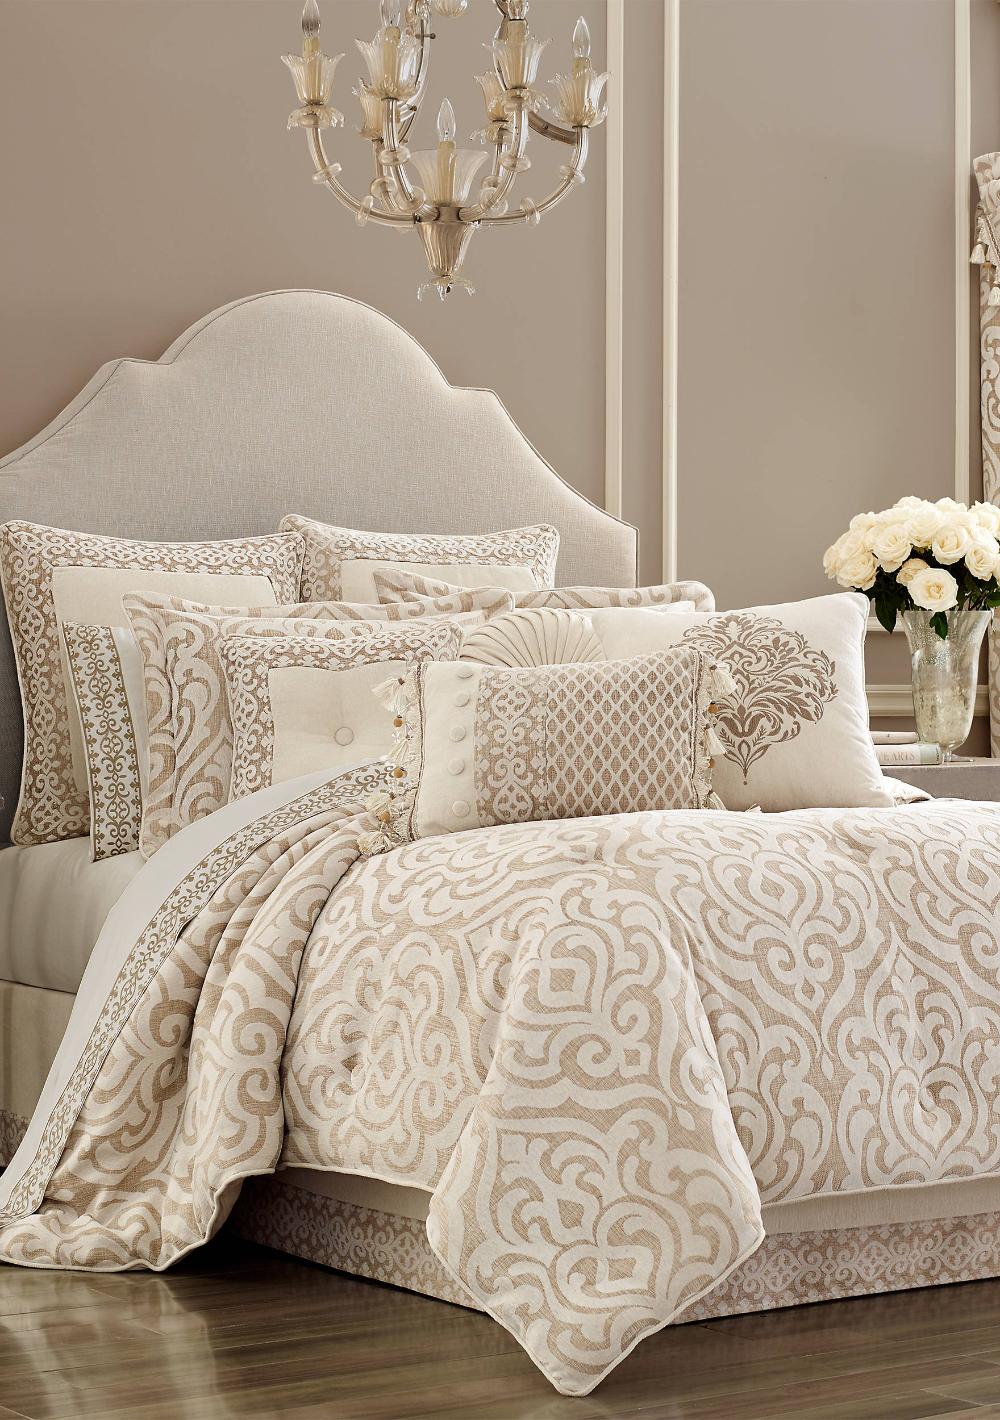 J Queen New York Milano Bedding Collection belk in 2020